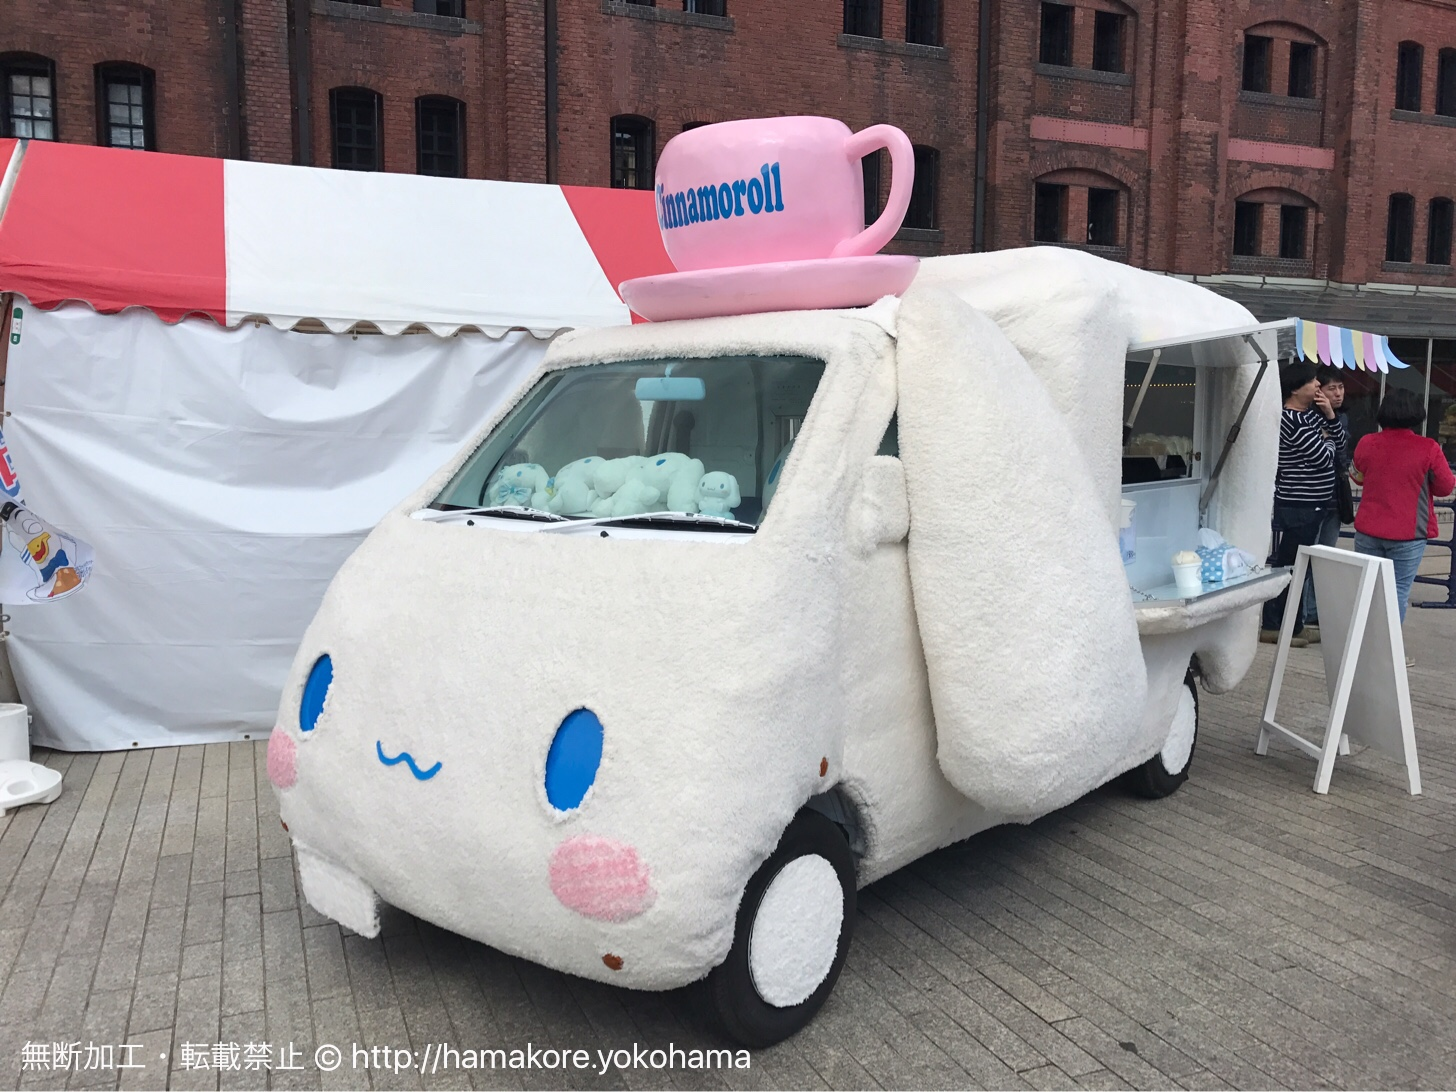 横浜赤レンガ倉庫「パンのフェス」 2017年3月